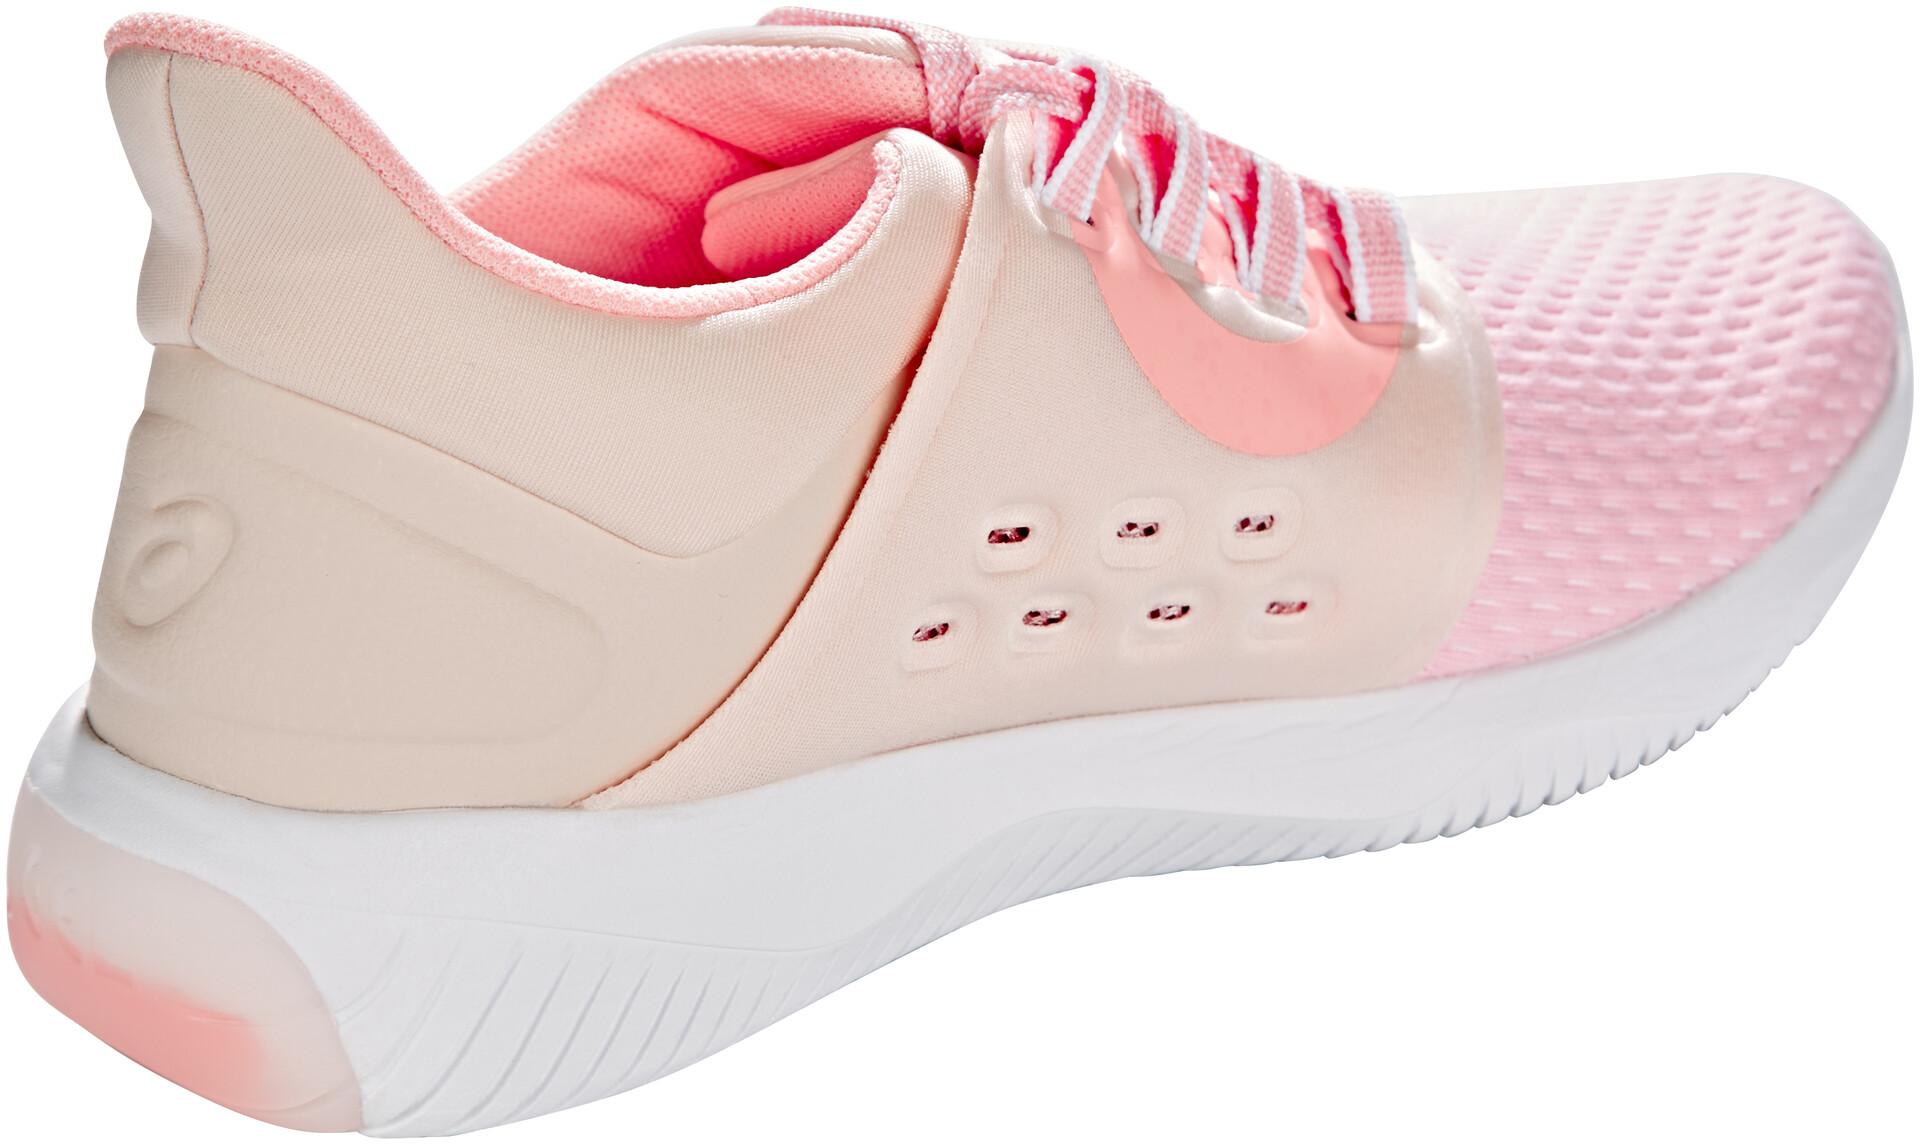 asics Gel Kenun Lyte Scarpe Donna, seashell pinkbirchbegonia pink